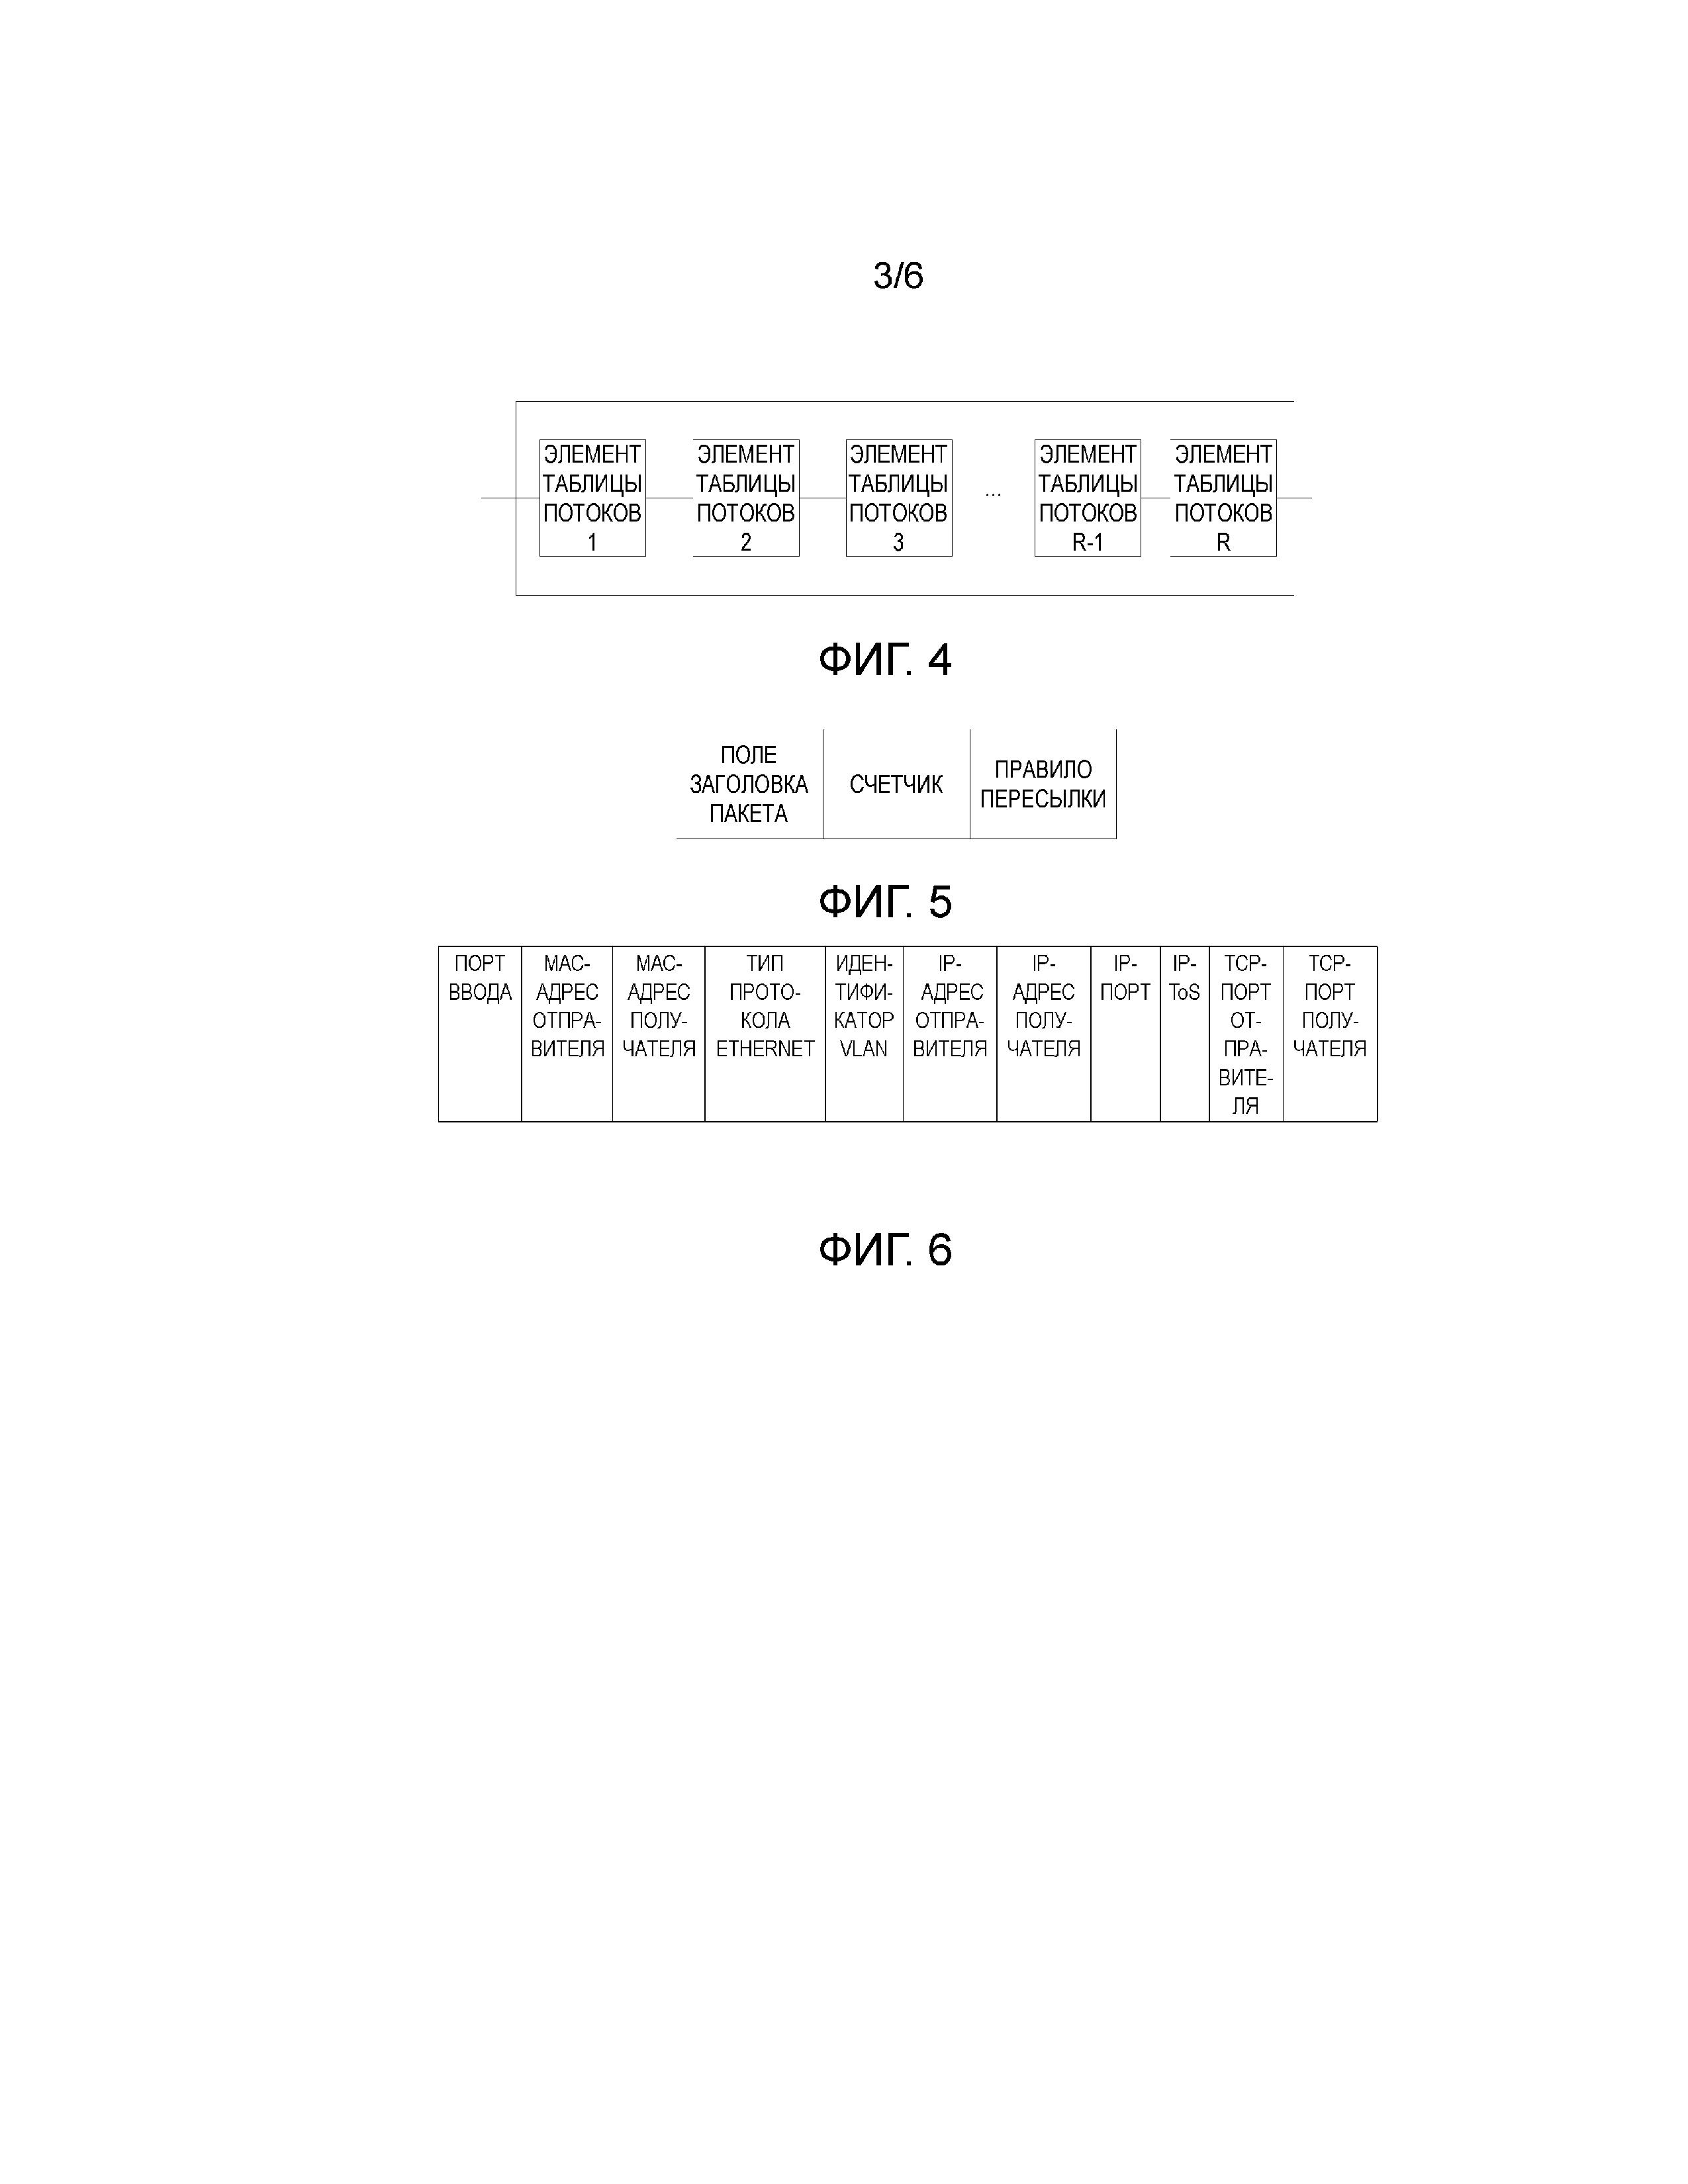 Способ и устройство для обработки запроса операции в системе хранения данных